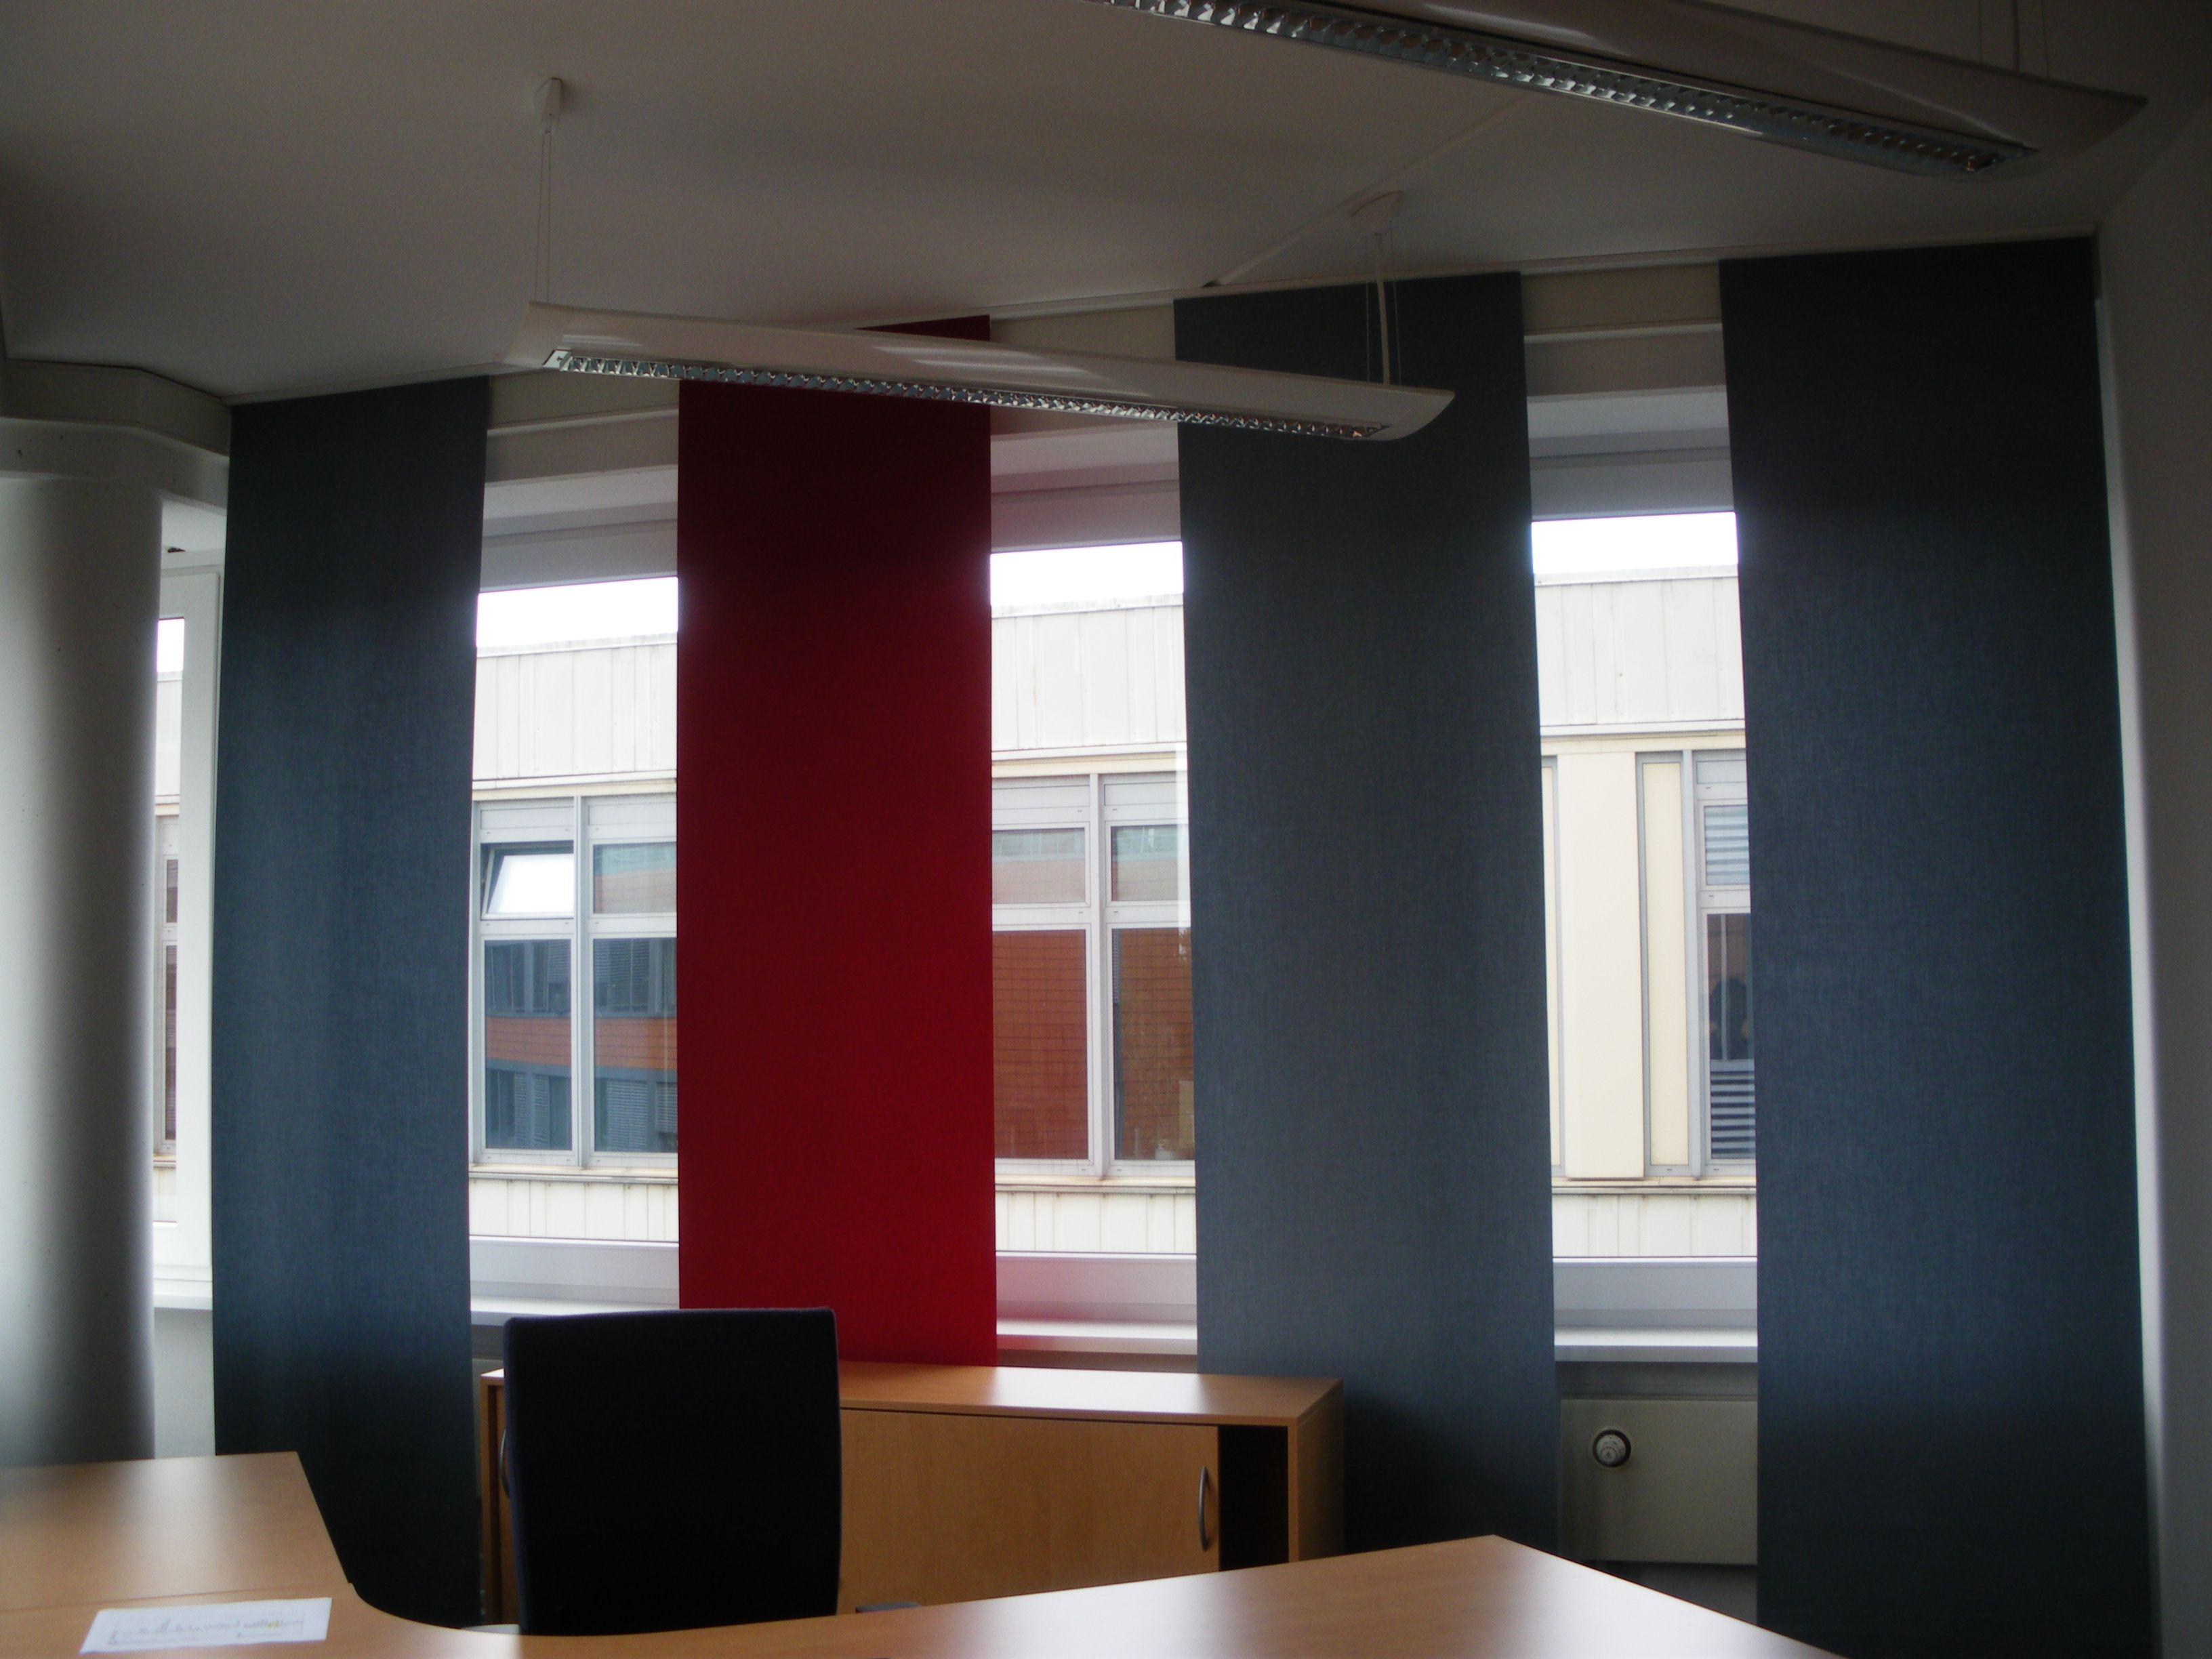 Raumausstatter Hamburg büro mit flächenvorhängen idstein bodenlag bahnen paneele